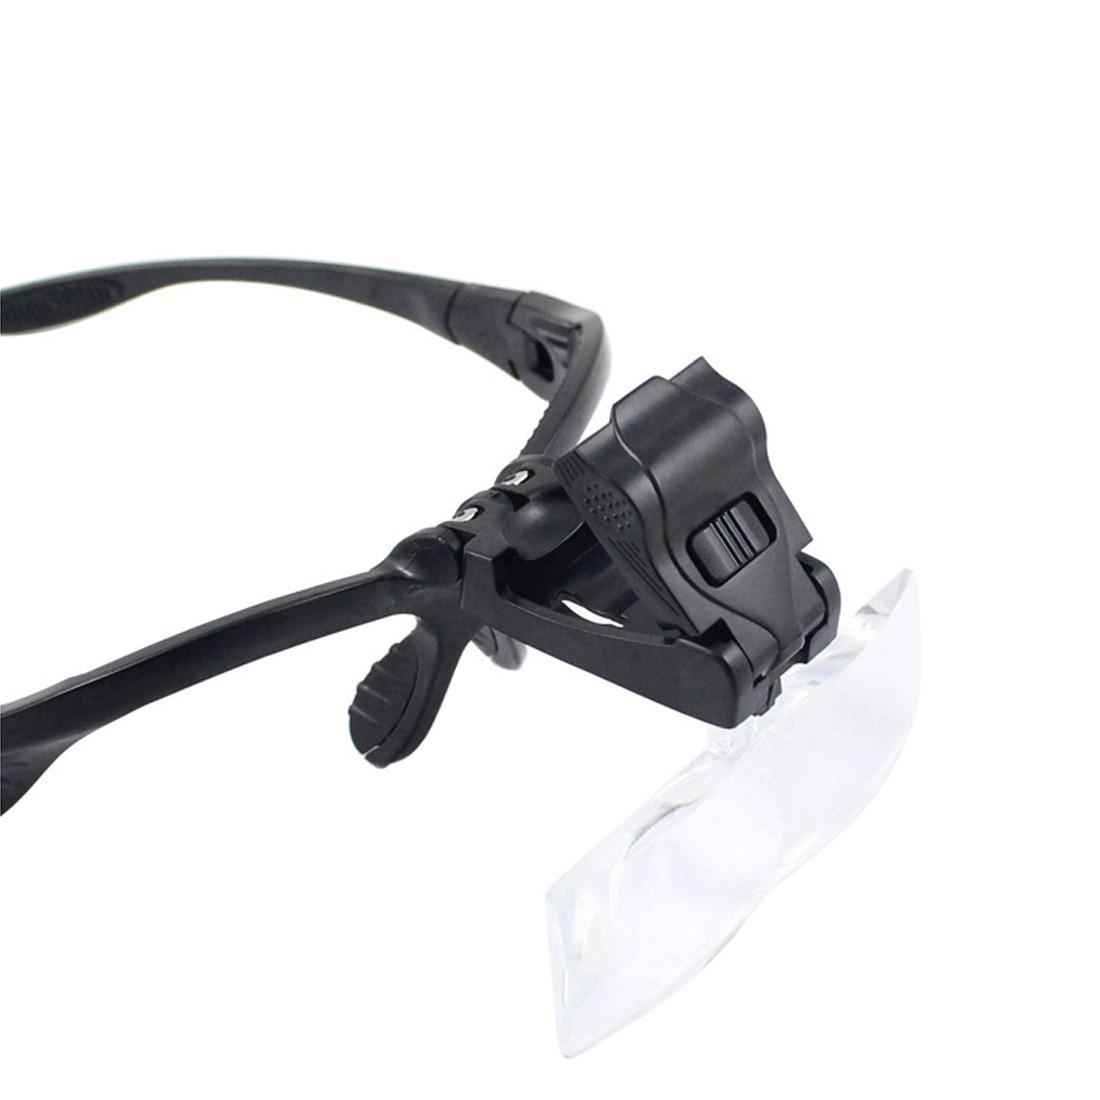 Lunettes Loupe optique, bandeau, réparation des yeux, Loupe 2, 1.0/1.5/2.0/3.5X, lentille optique 5 pièces